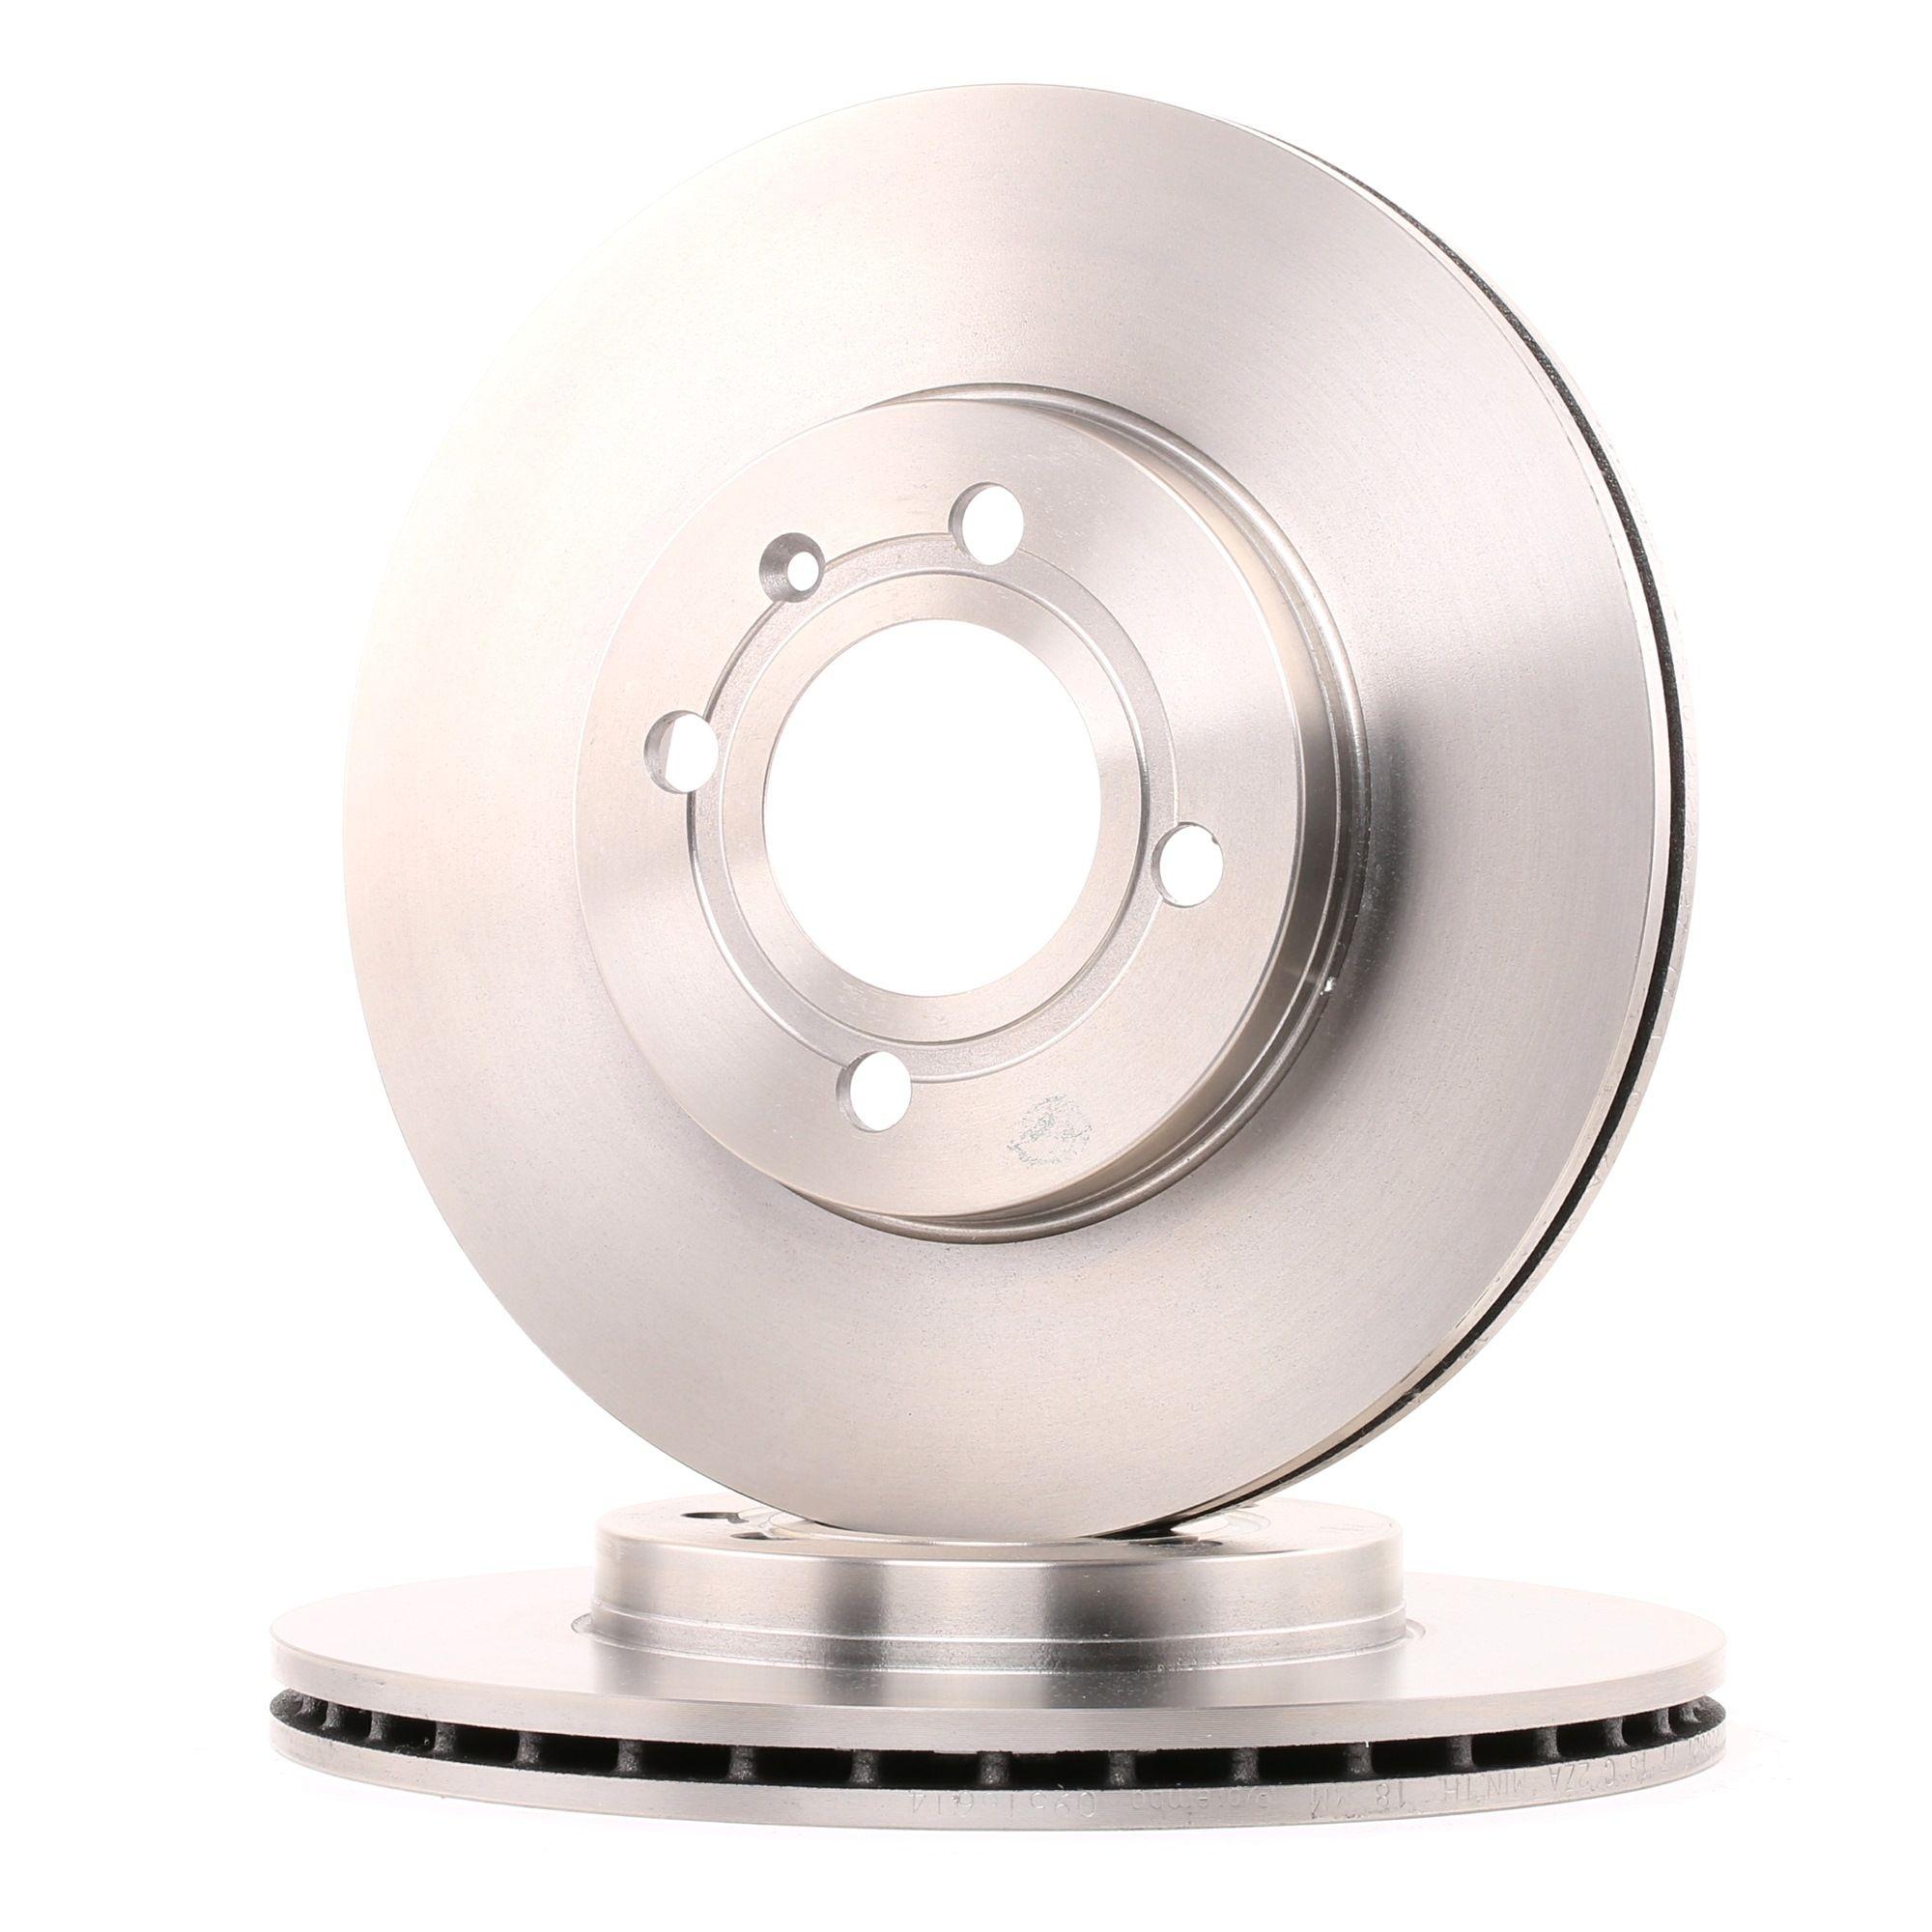 Achetez Disques de frein BREMBO 09.5166.14 (Ø: 256mm, Nbre de trous: 4, Épaisseur du disque de frein: 20mm) à un rapport qualité-prix exceptionnel